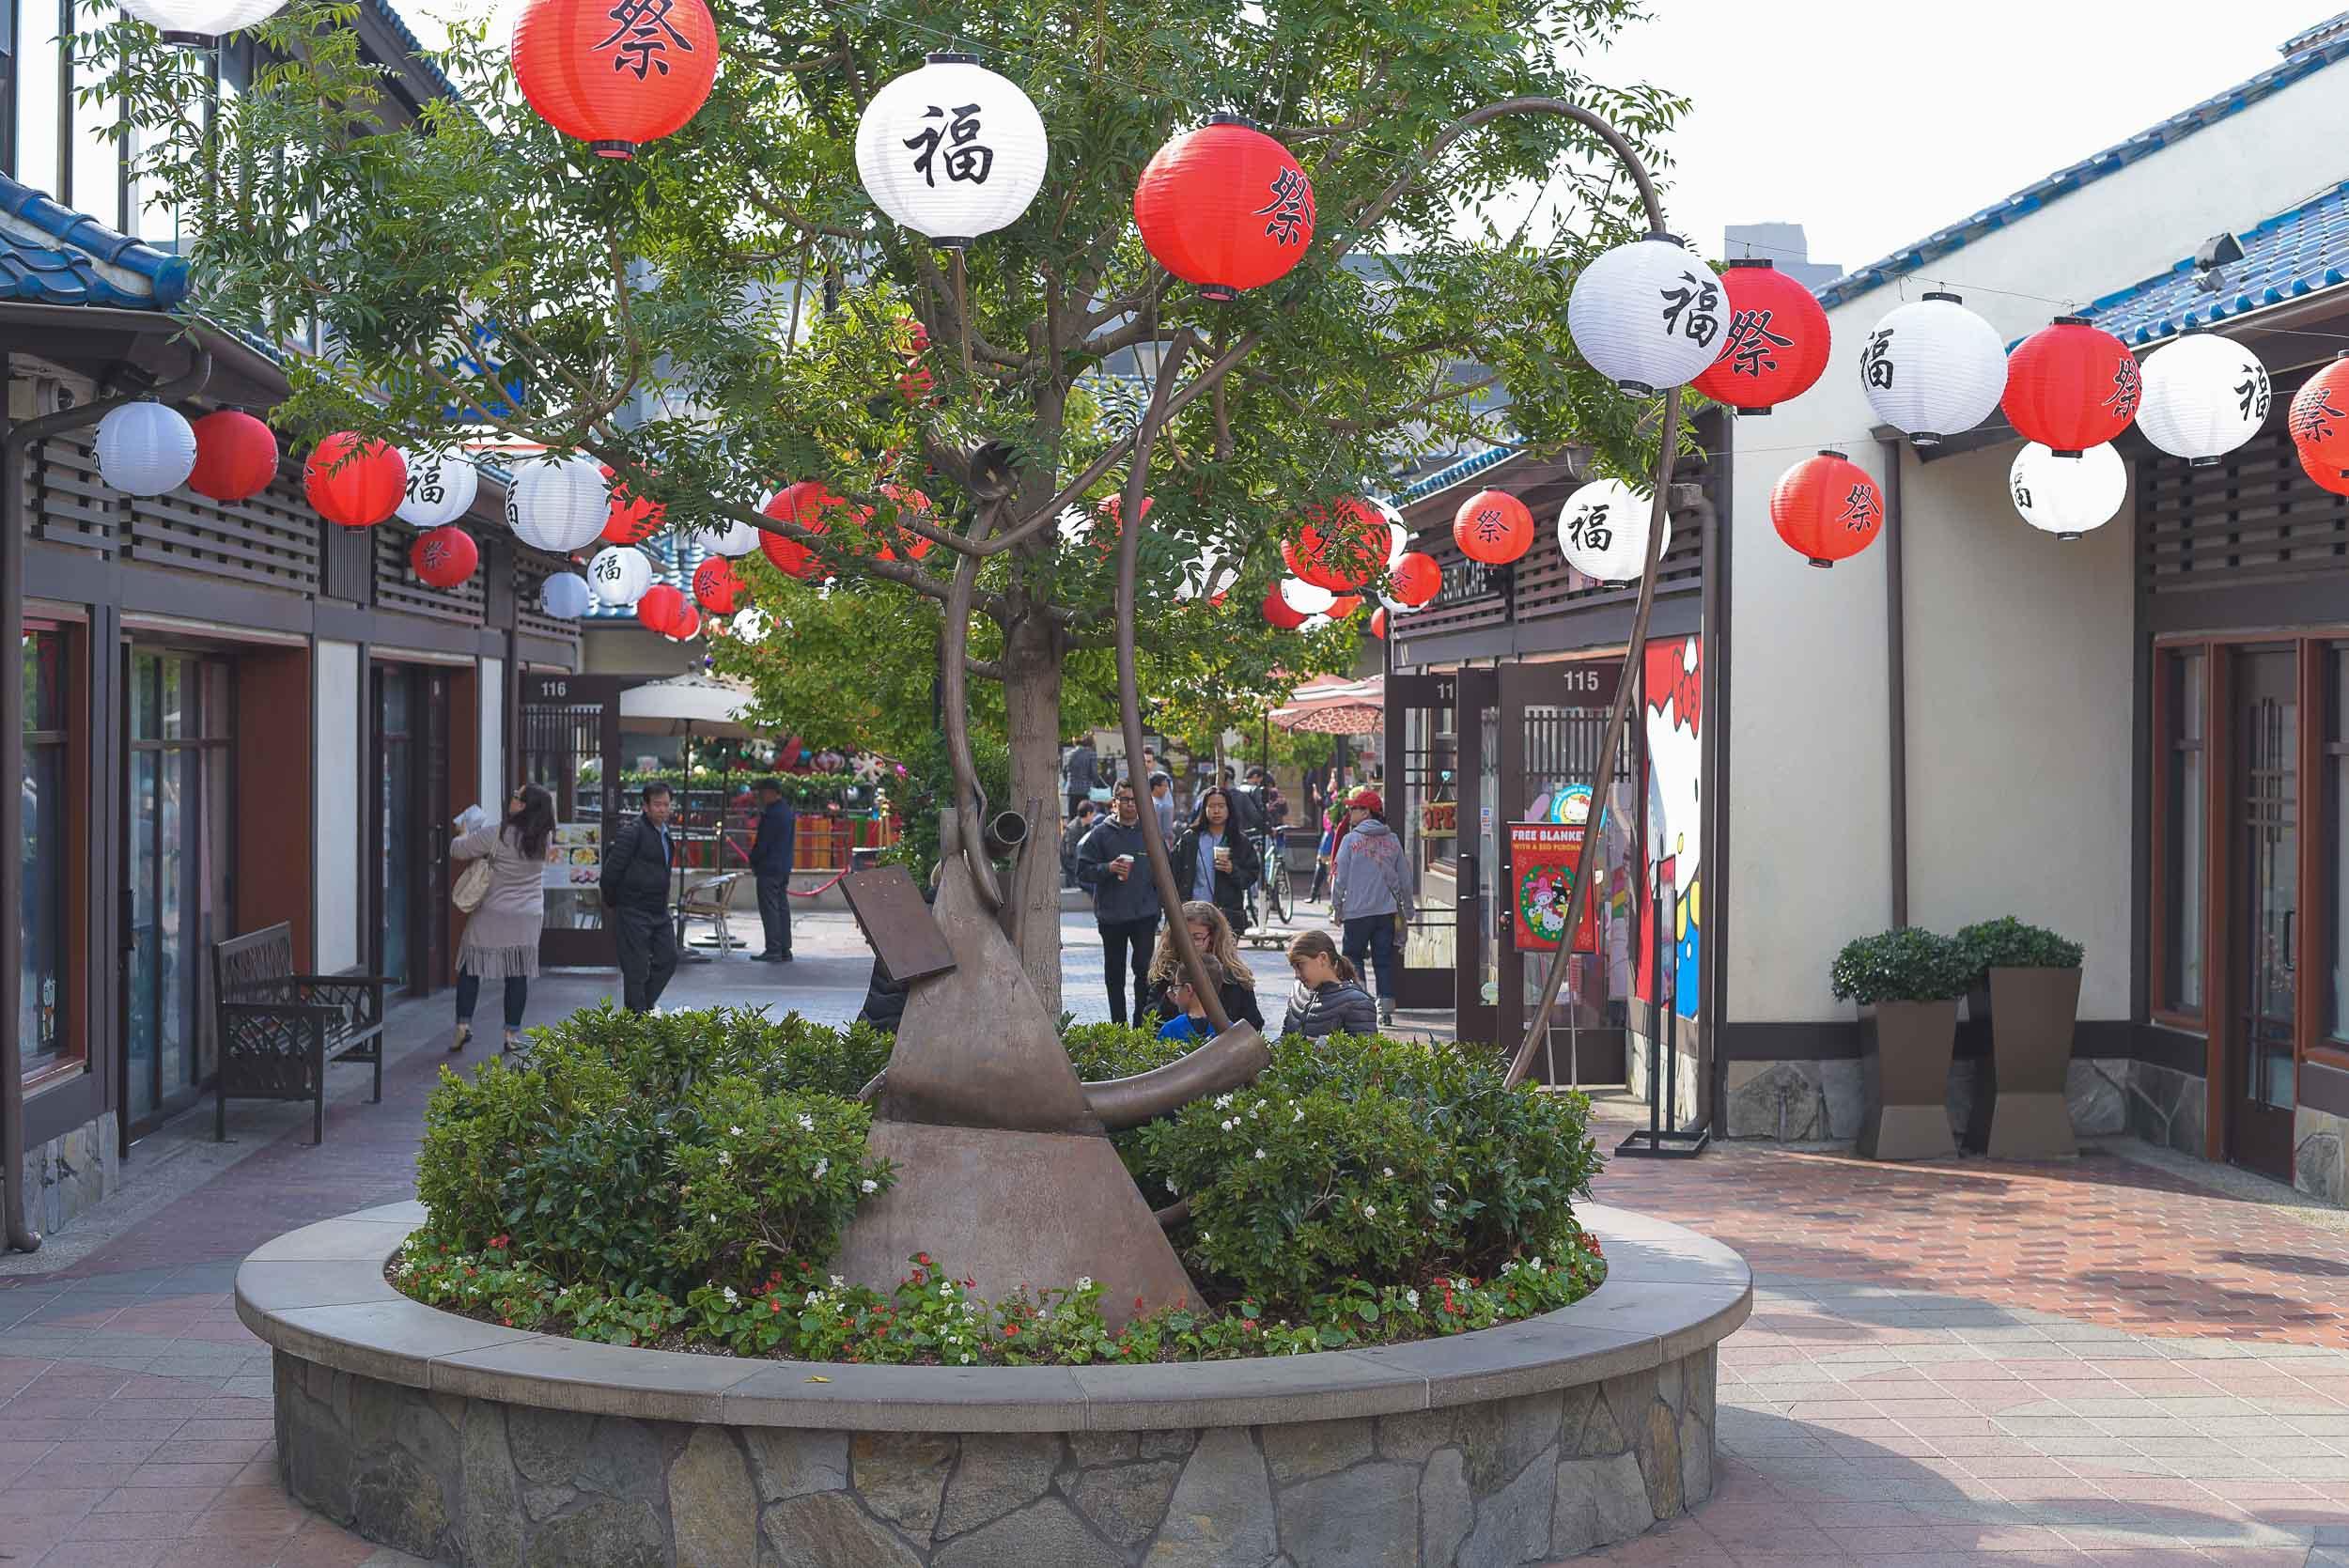 japan town stores los angeles.jpg